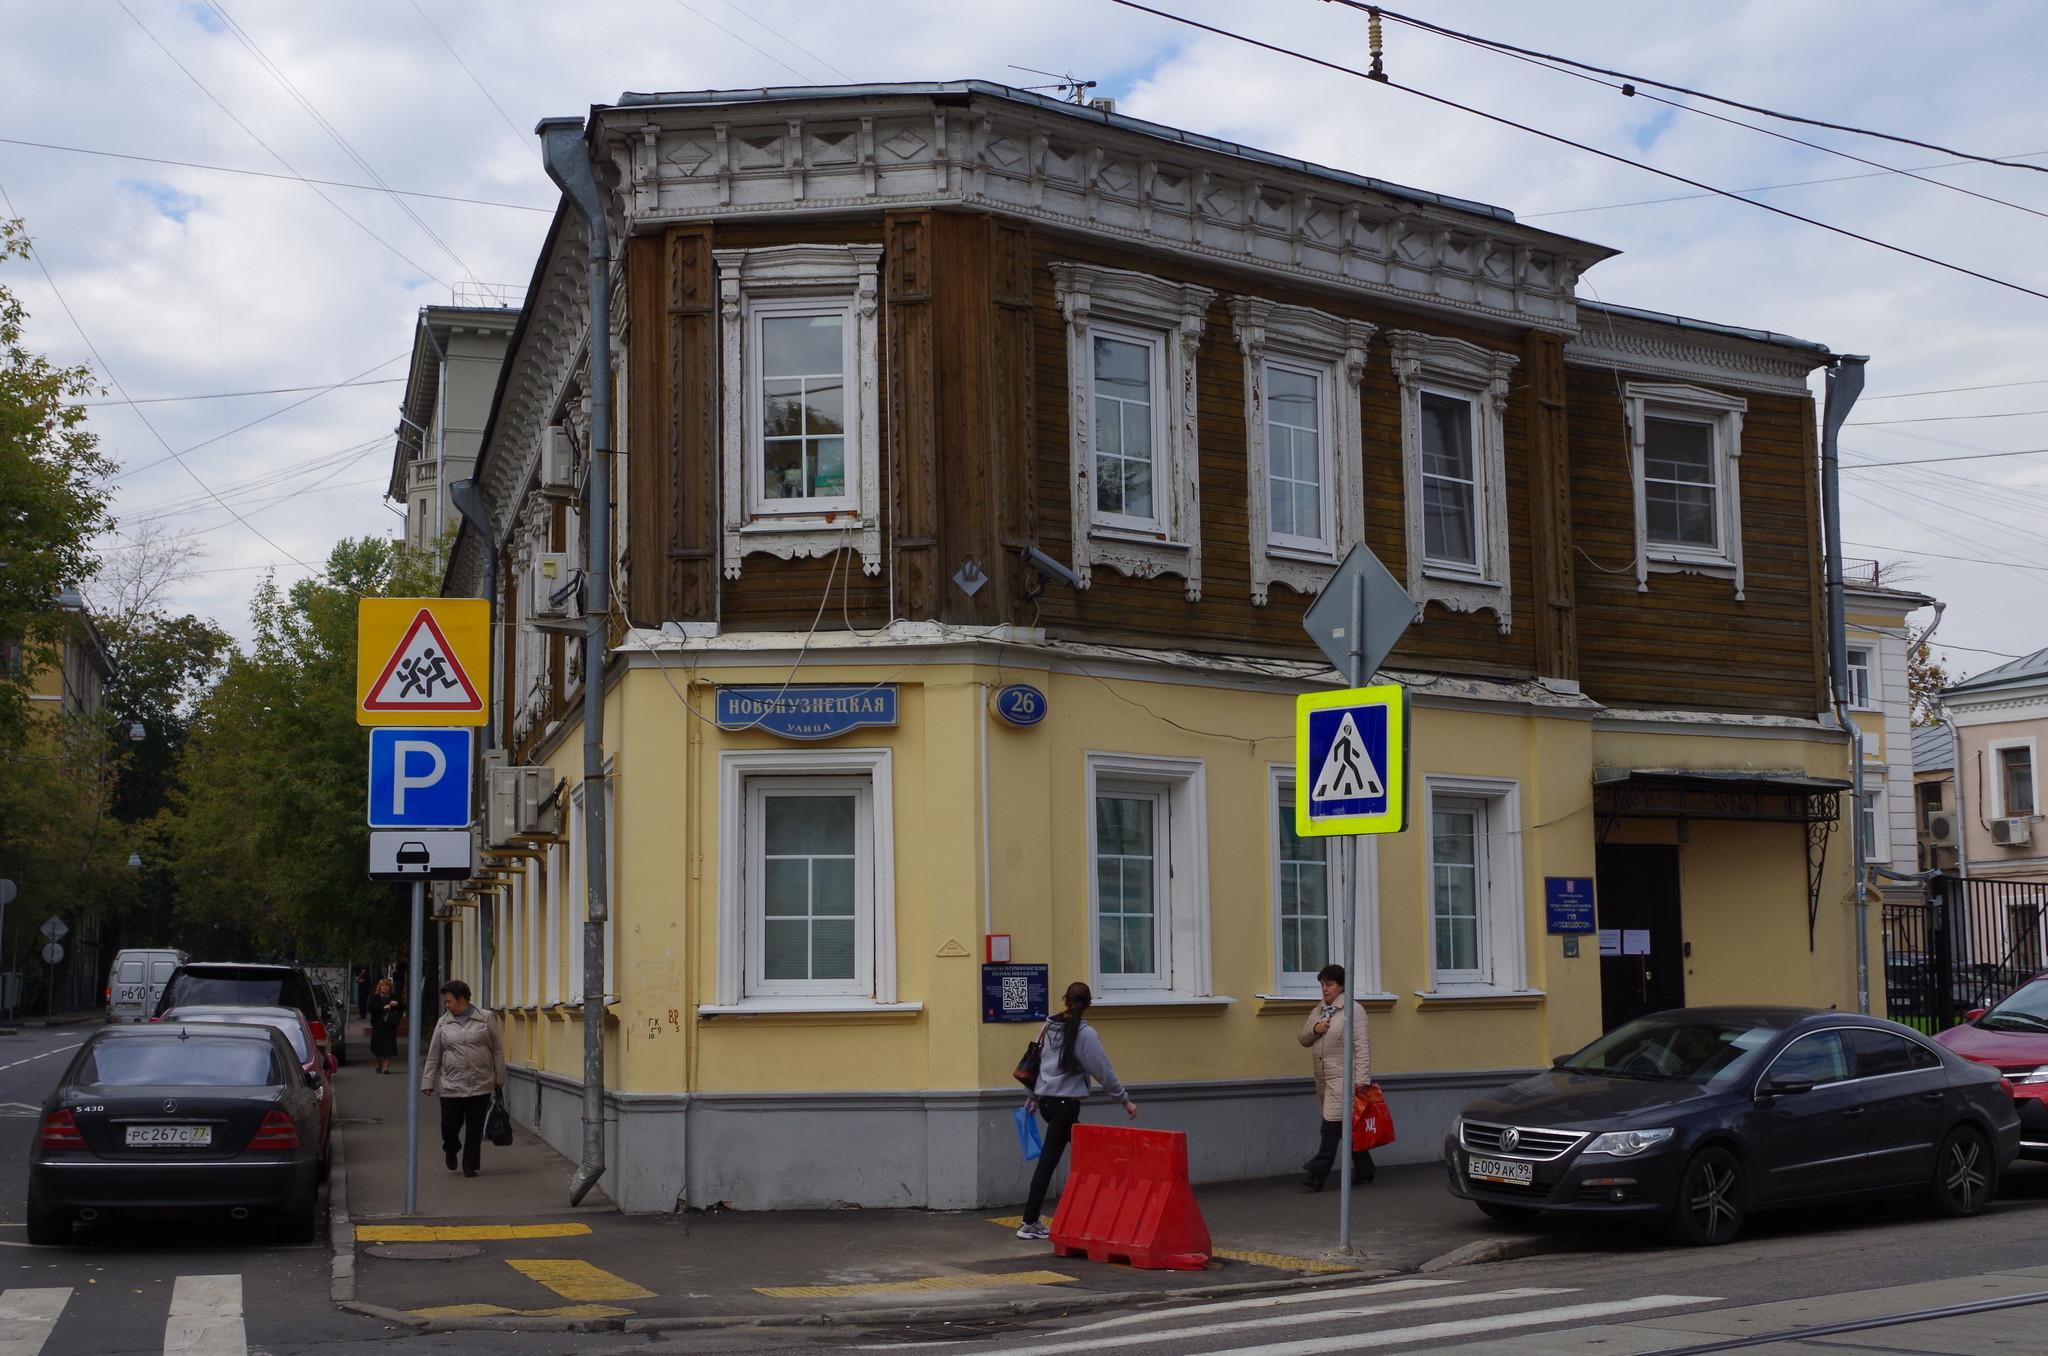 Картинки по запросу 8. Деревянный дом на Новокузнецкой